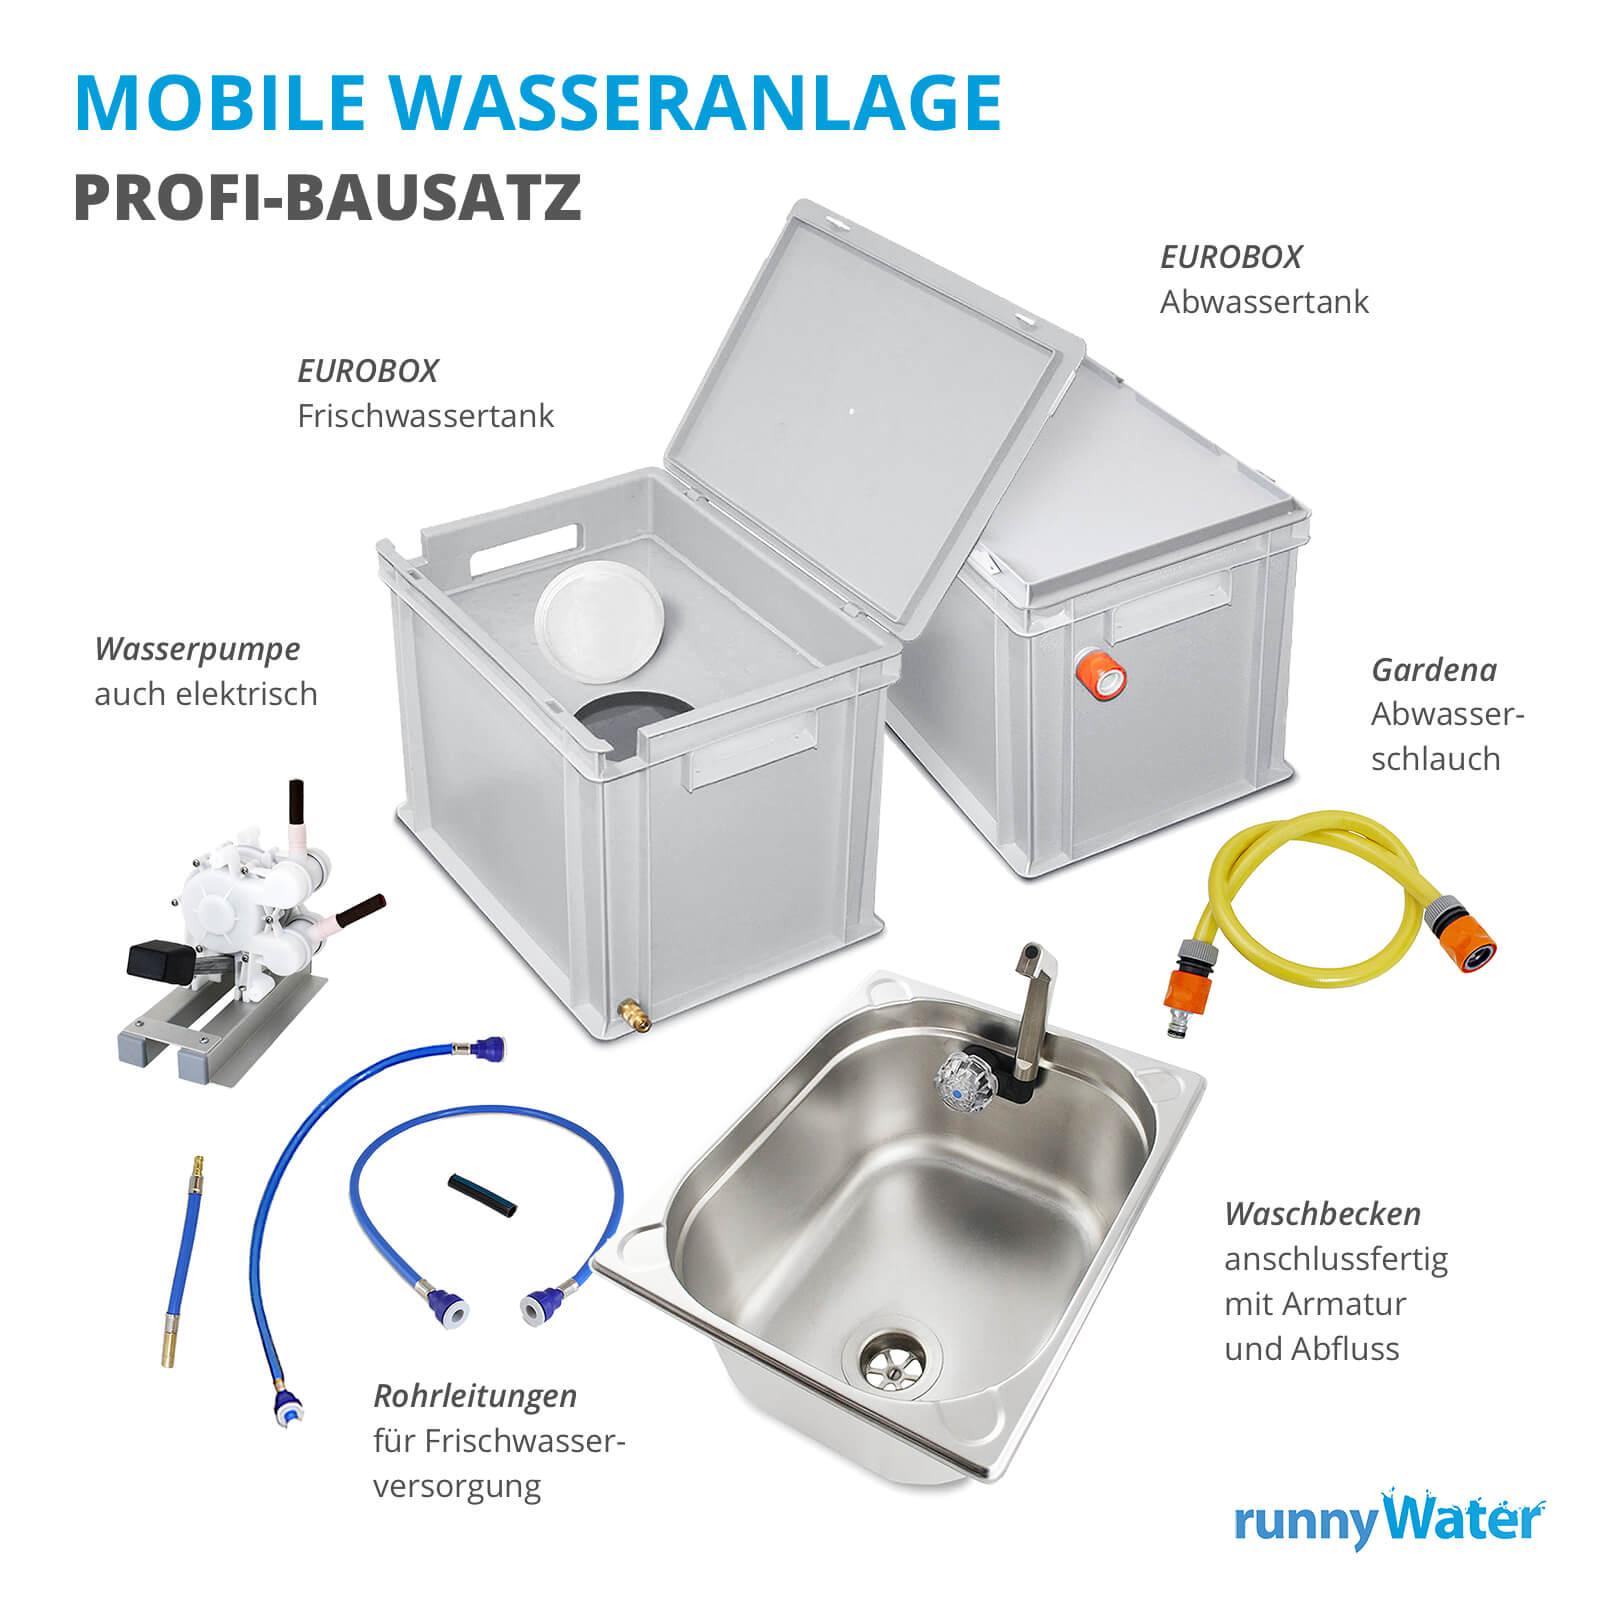 Mobile Wasseranlage Campingkuche Bauen Runnywater